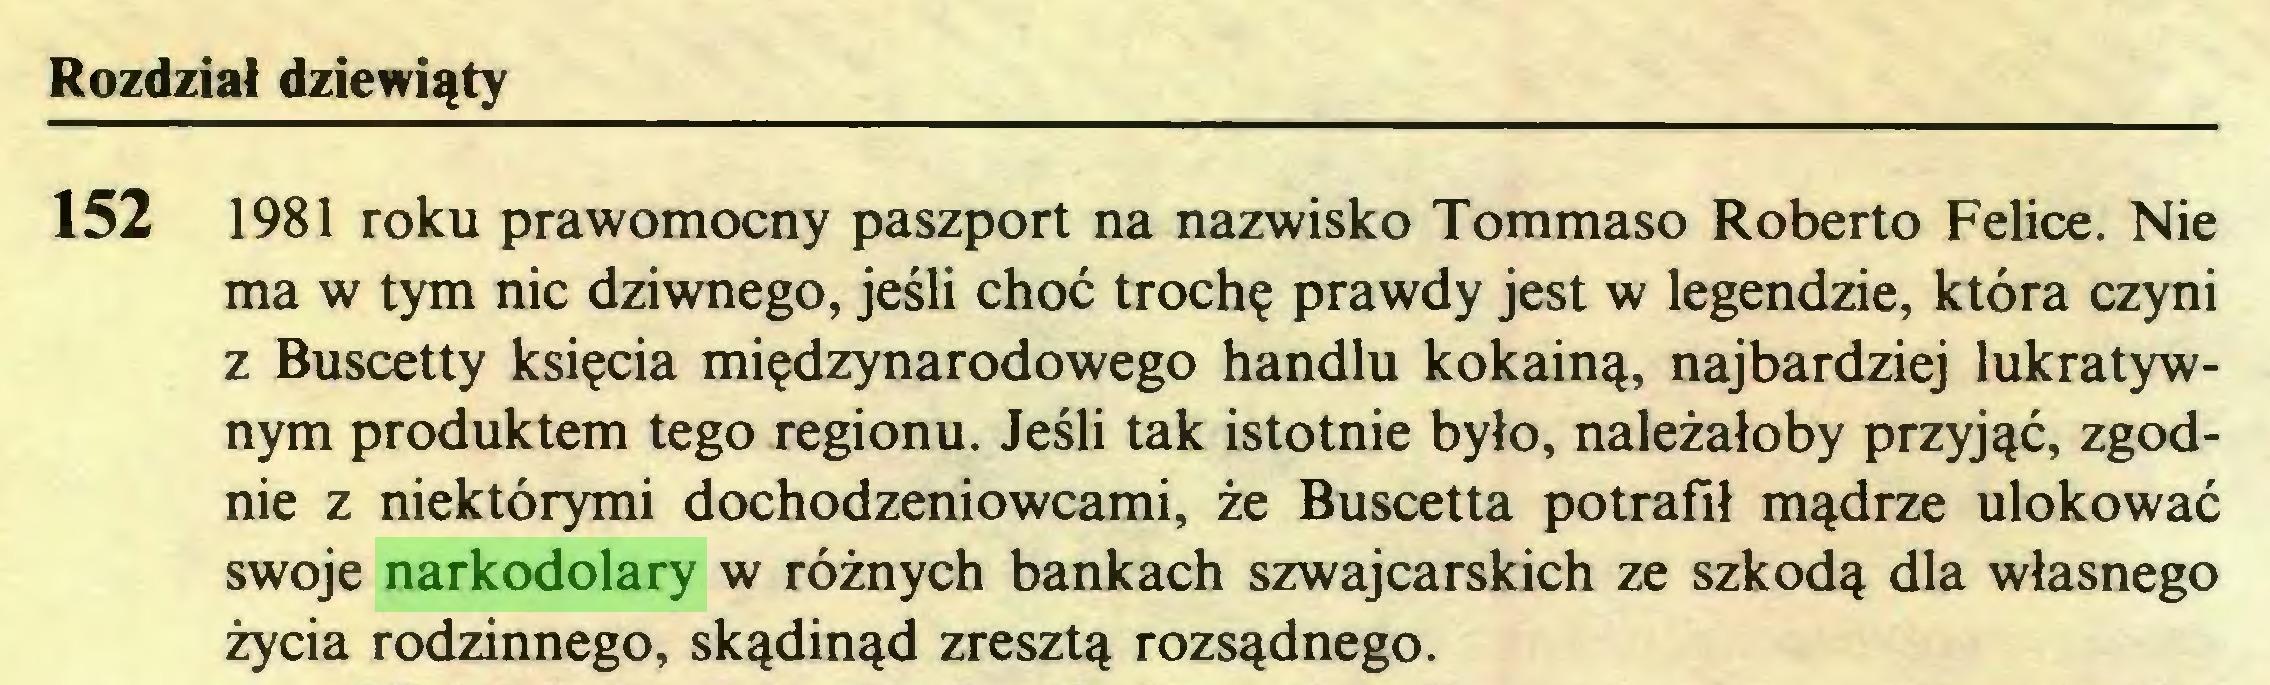 (...) Rozdział dziewiąty 152 1981 roku prawomocny paszport na nazwisko Tommaso Roberto Felice. Nie ma w tym nic dziwnego, jeśli choć trochę prawdy jest w legendzie, która czyni z Buscetty księcia międzynarodowego handlu kokainą, najbardziej lukratywnym produktem tego regionu. Jeśli tak istotnie było, należałoby przyjąć, zgodnie z niektórymi dochodzeniowcami, że Buscetta potrafił mądrze ulokować swoje narkodolary w różnych bankach szwajcarskich ze szkodą dla własnego życia rodzinnego, skądinąd zresztą rozsądnego...